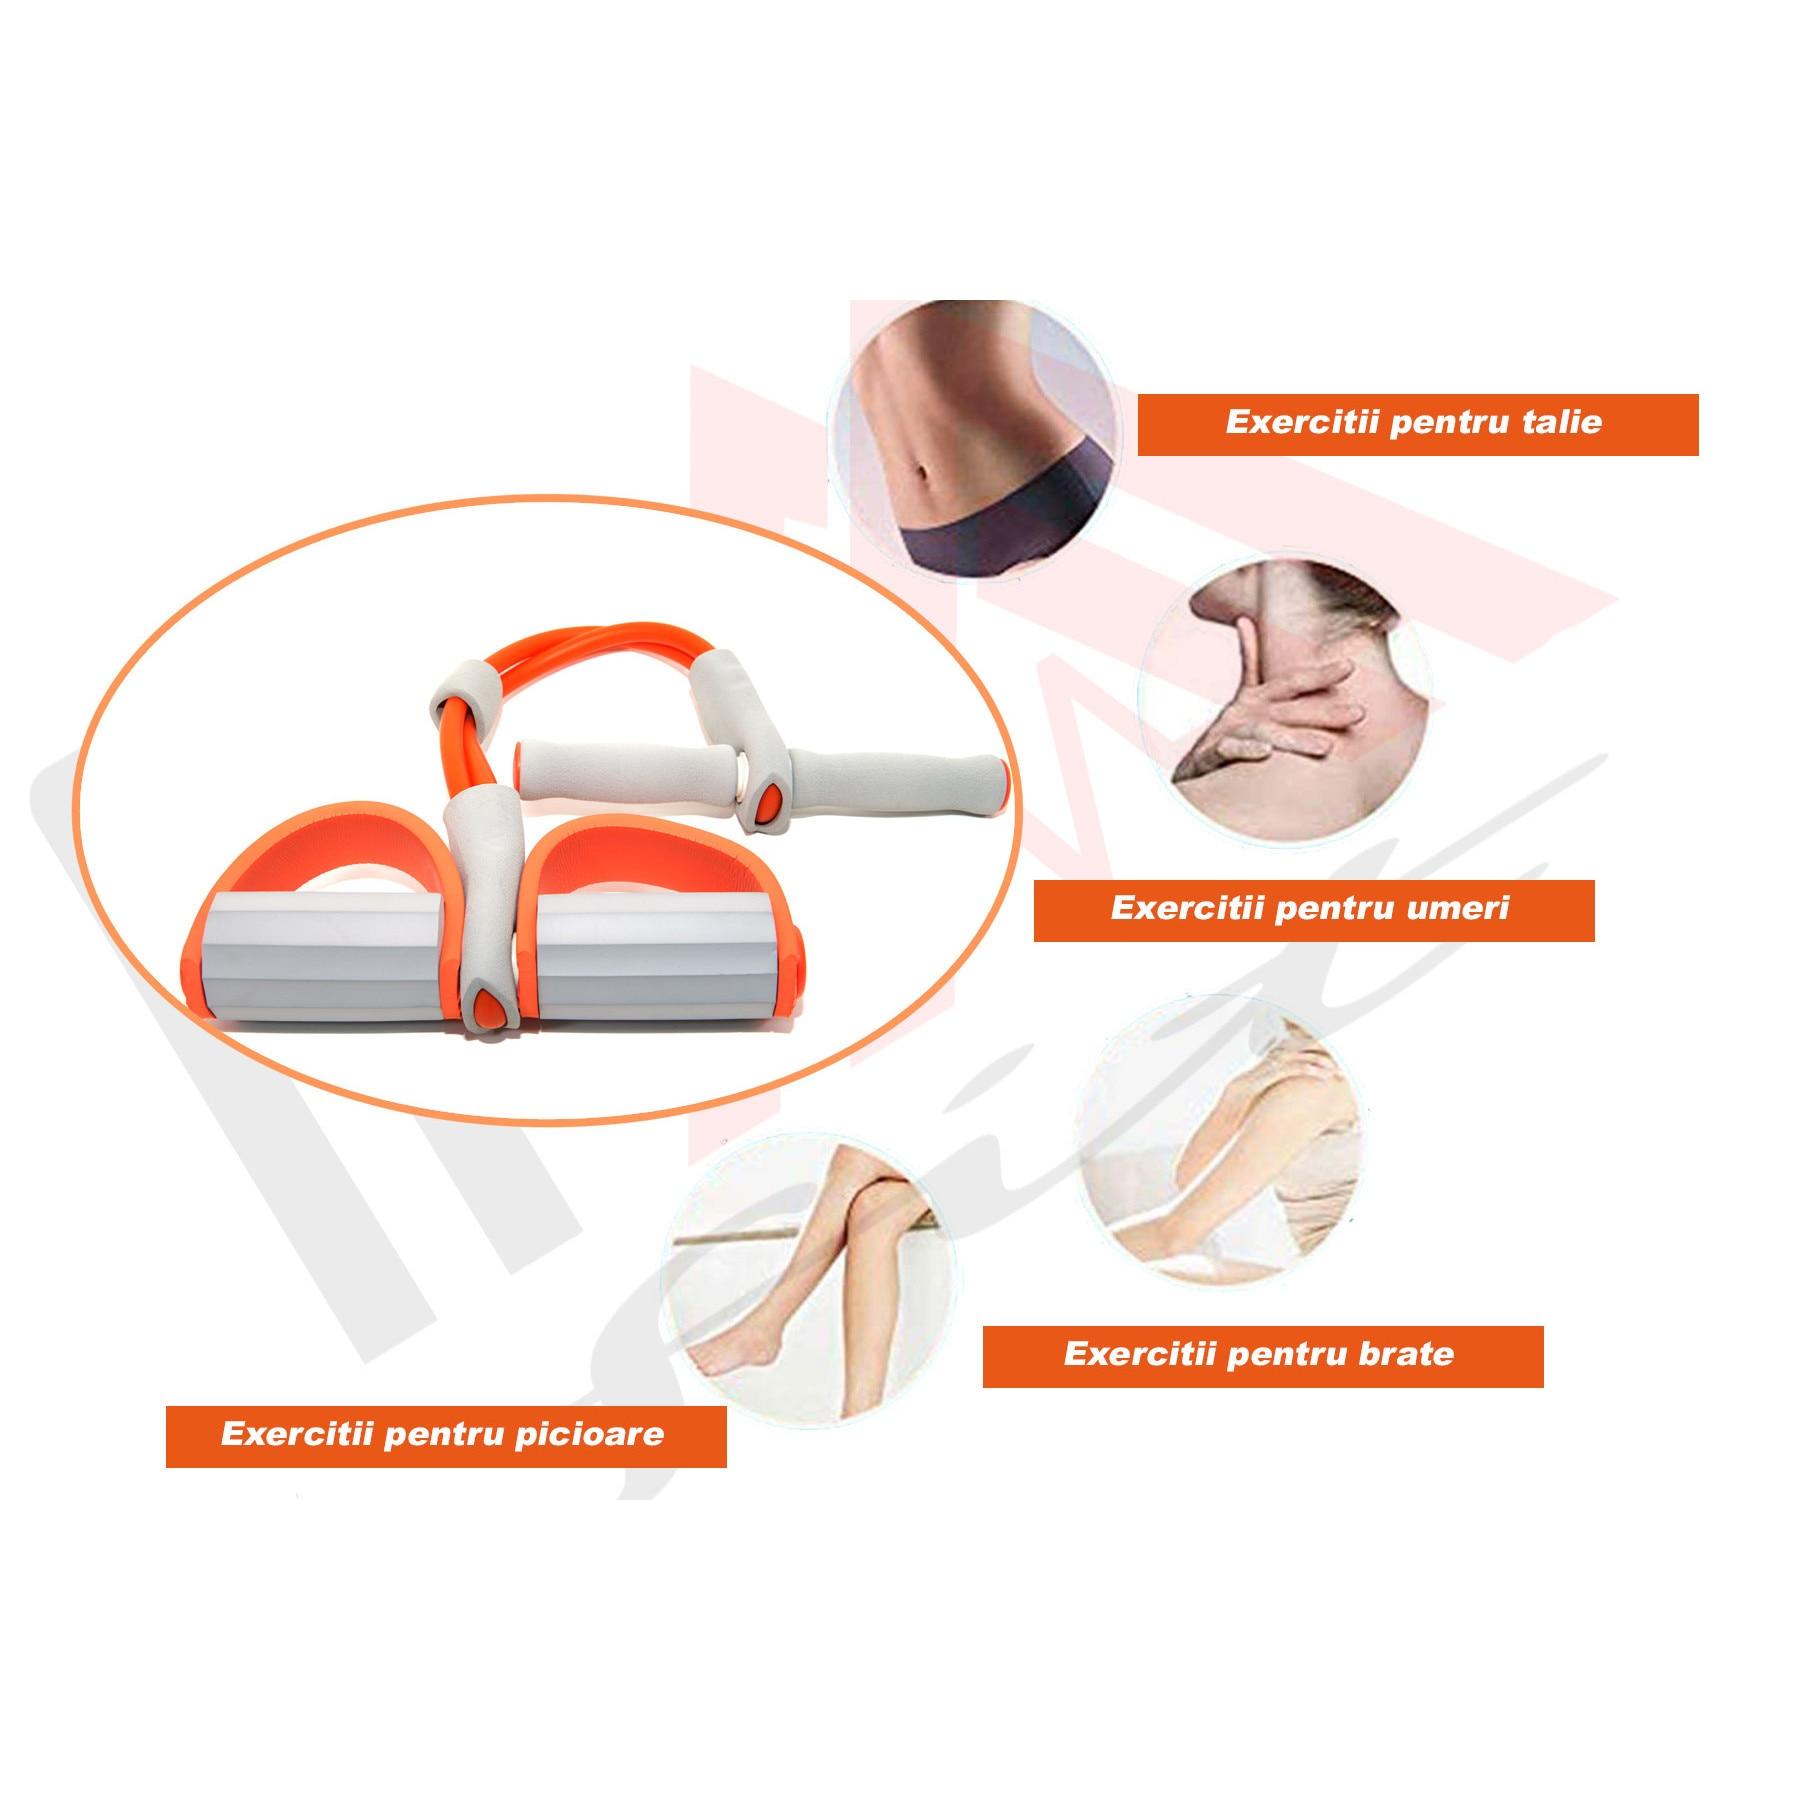 Picioare ghemuit oscileze sau pierde în greutate